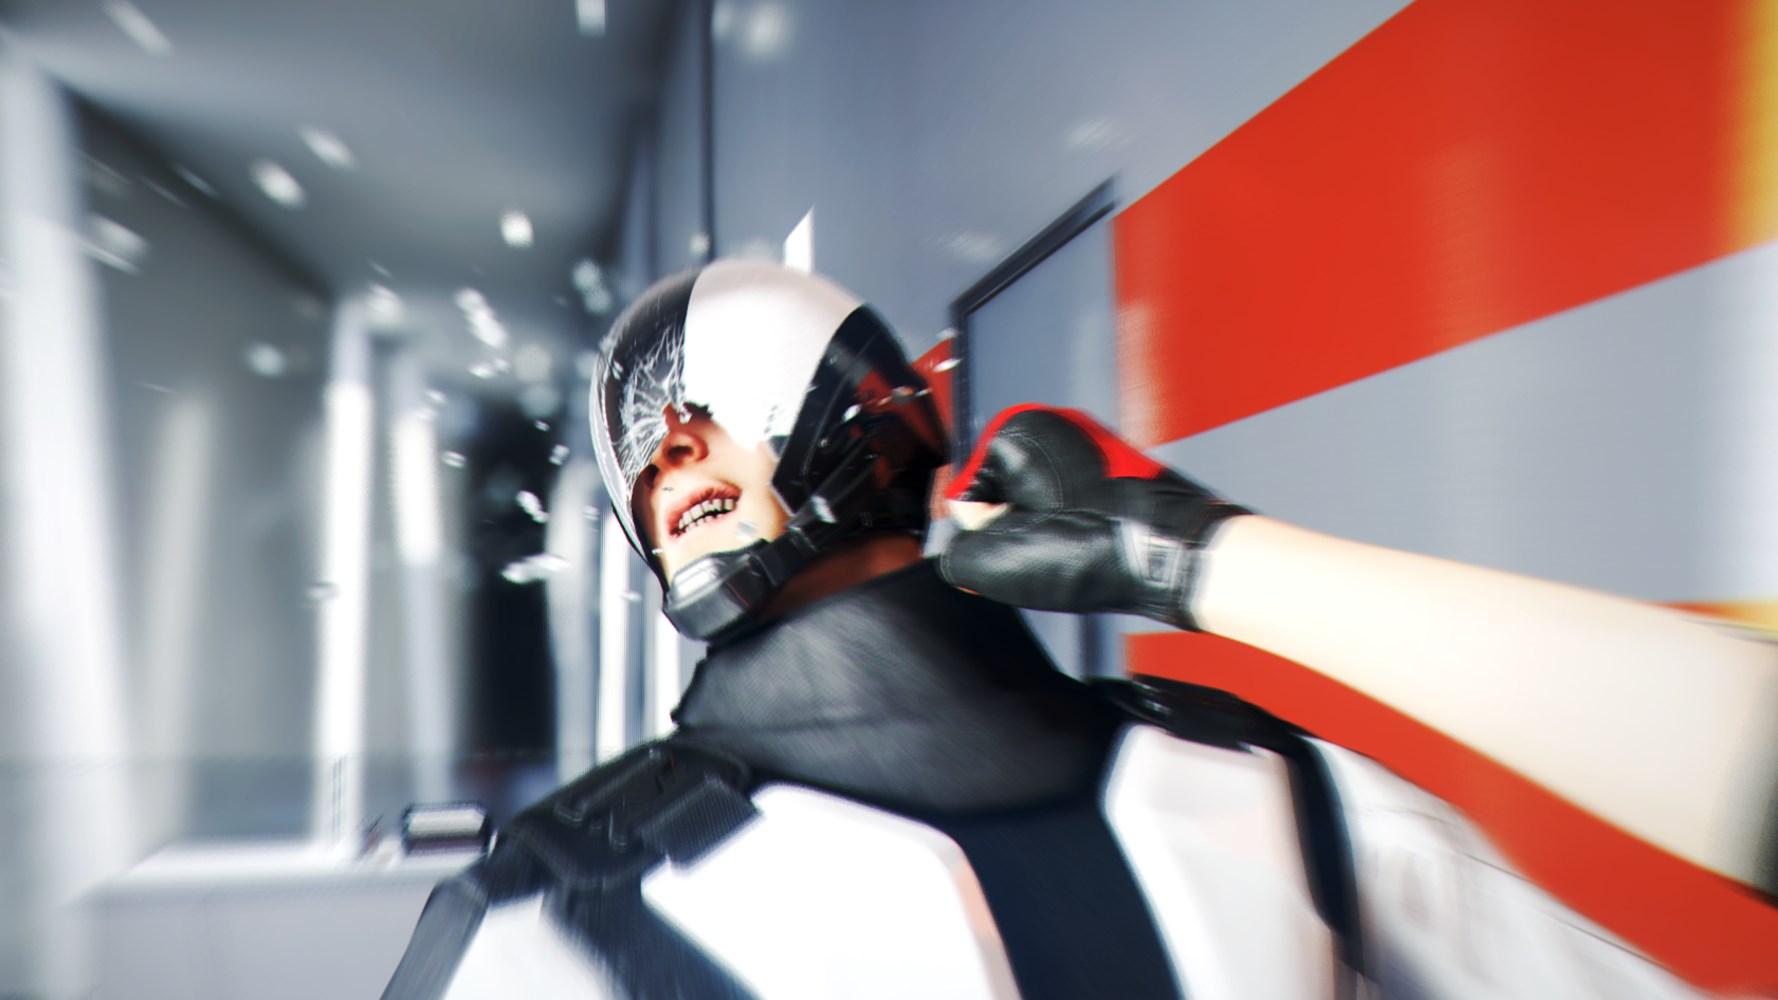 V rebootu Mirror's Edge má být parkour součástí boje 83151